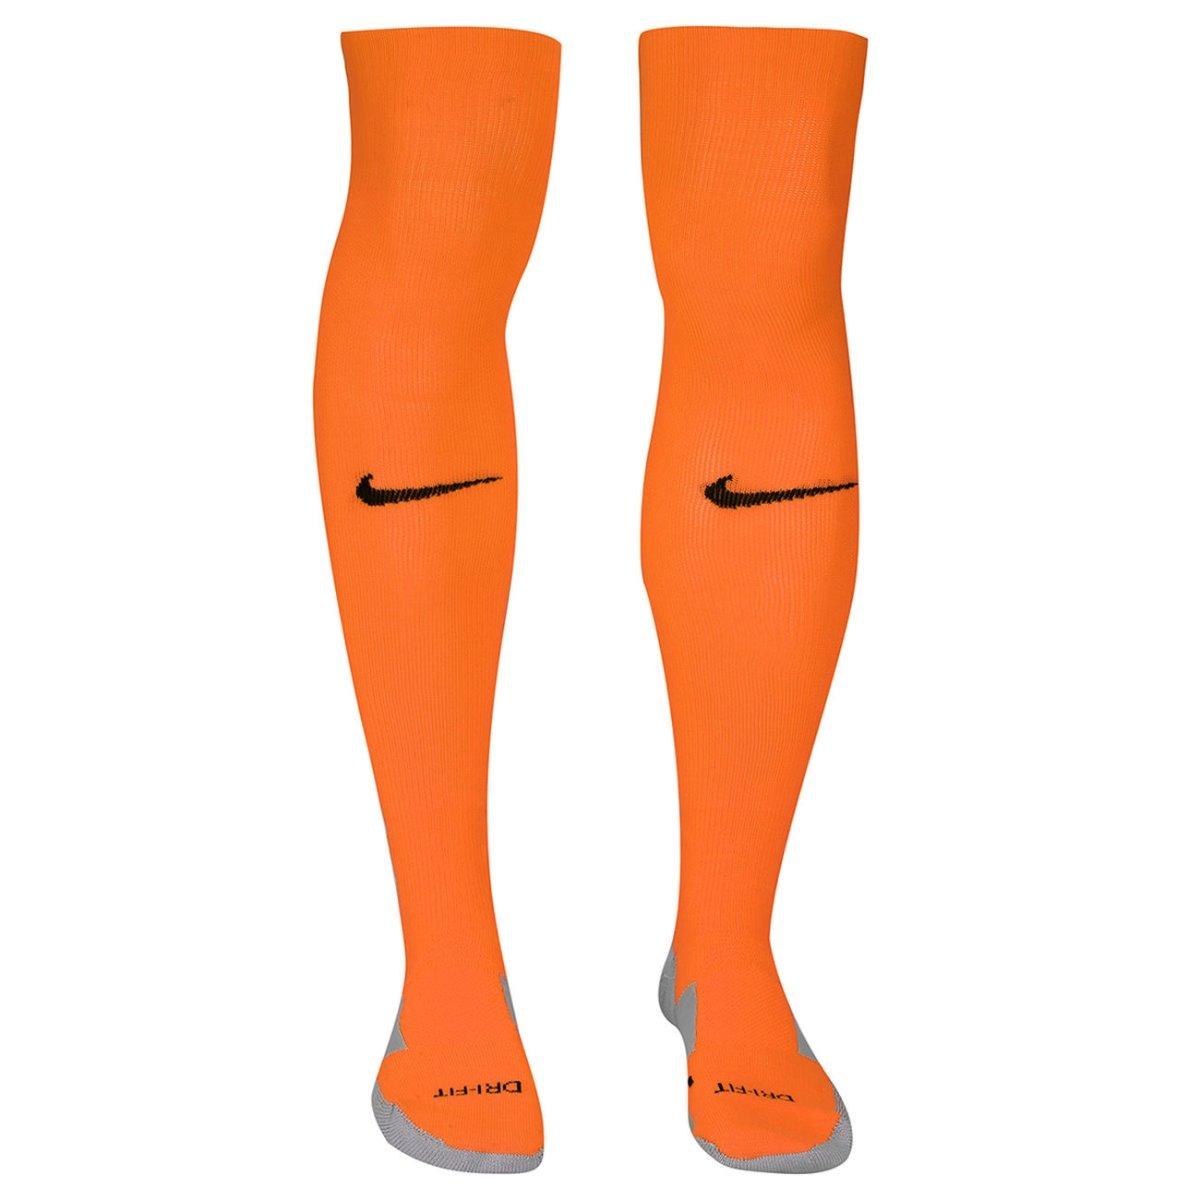 f53dfe643f meião nike max fit football otc laranja. Carregando zoom.